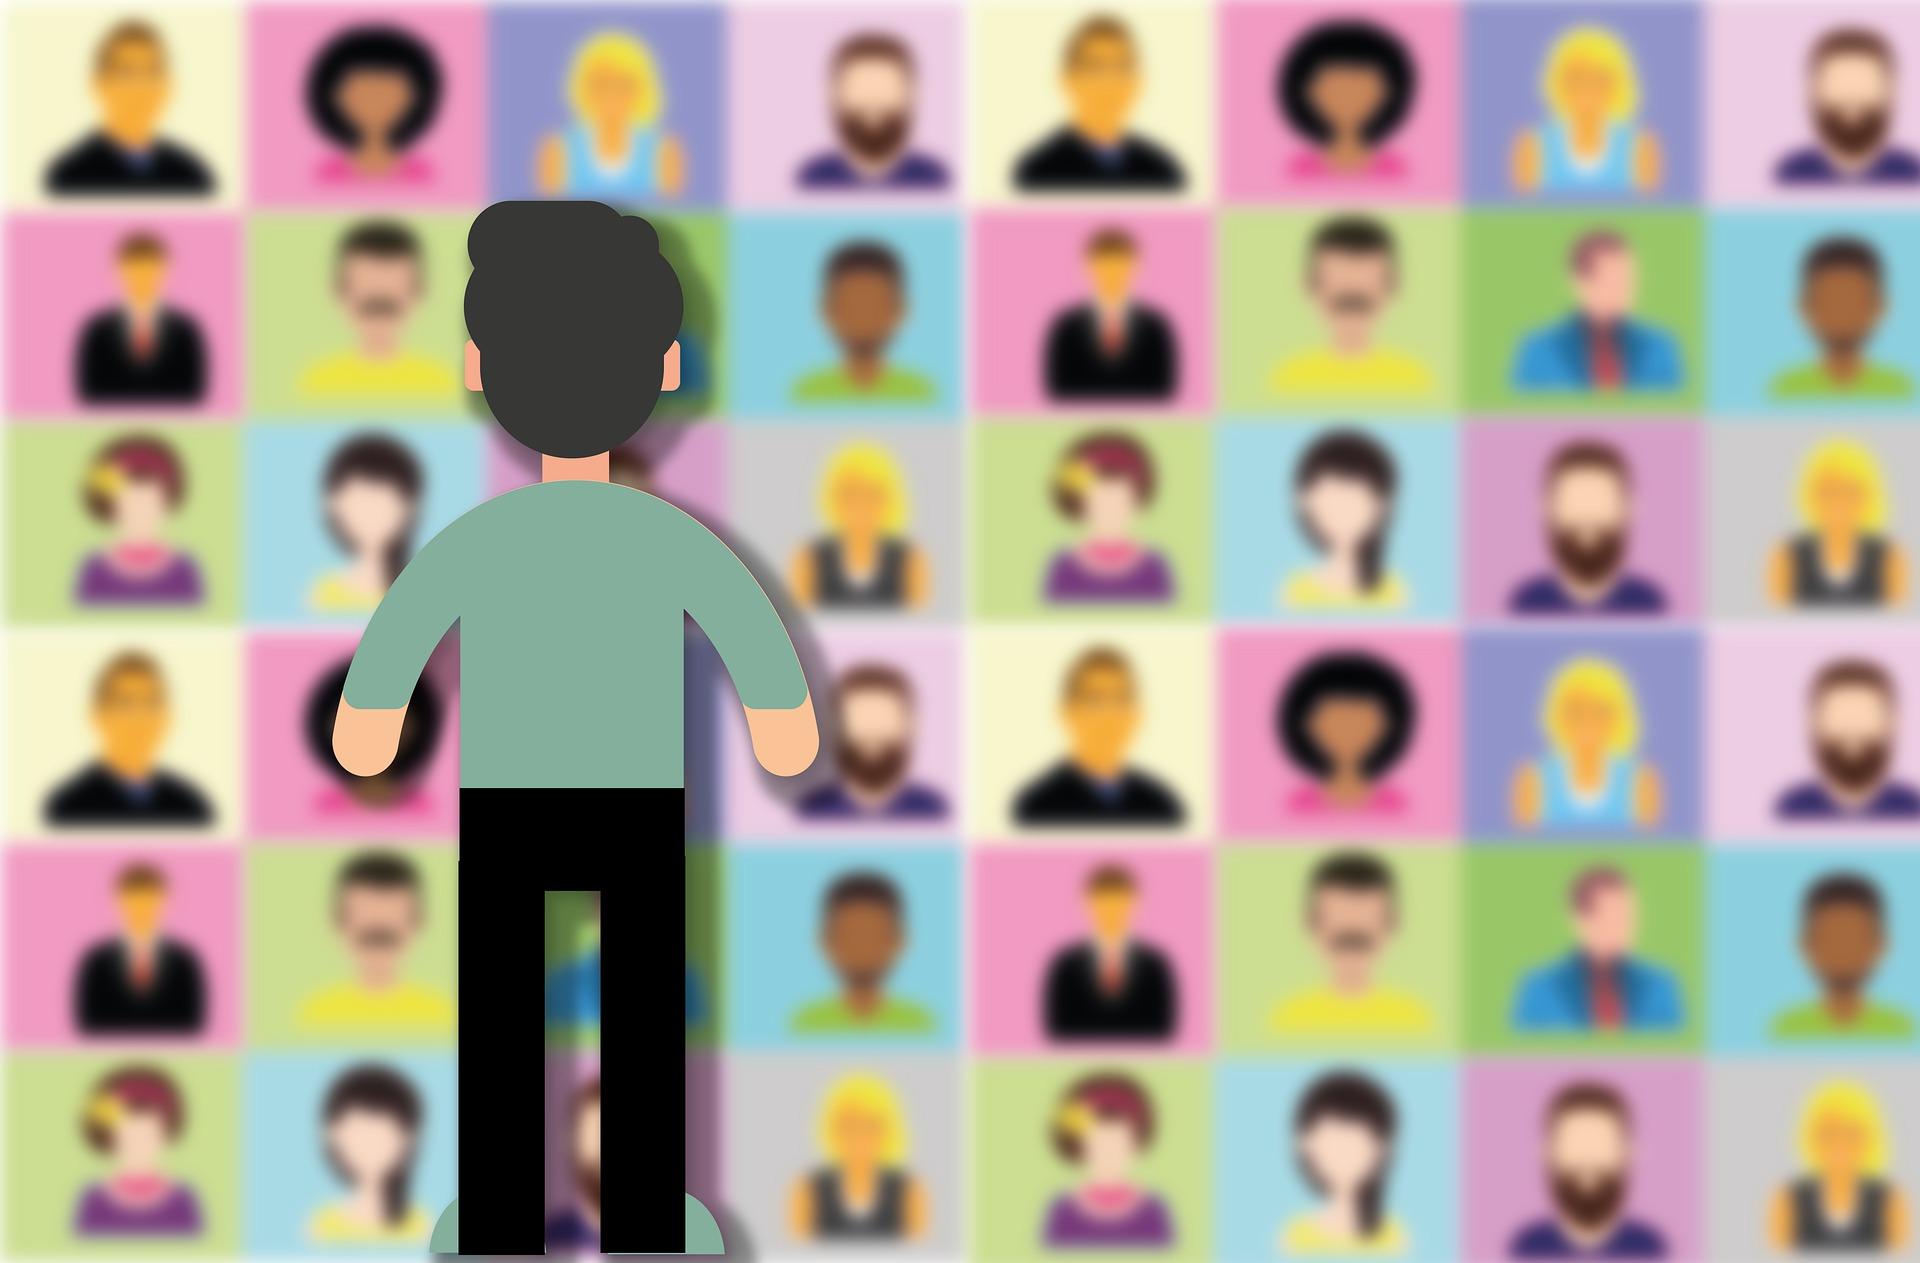 まで Zoom 映る 何人 Web会議ツール「Zoom」に会議に参加できる人数制限はある?有料プランはどれがベスト?|@DIME アットダイム